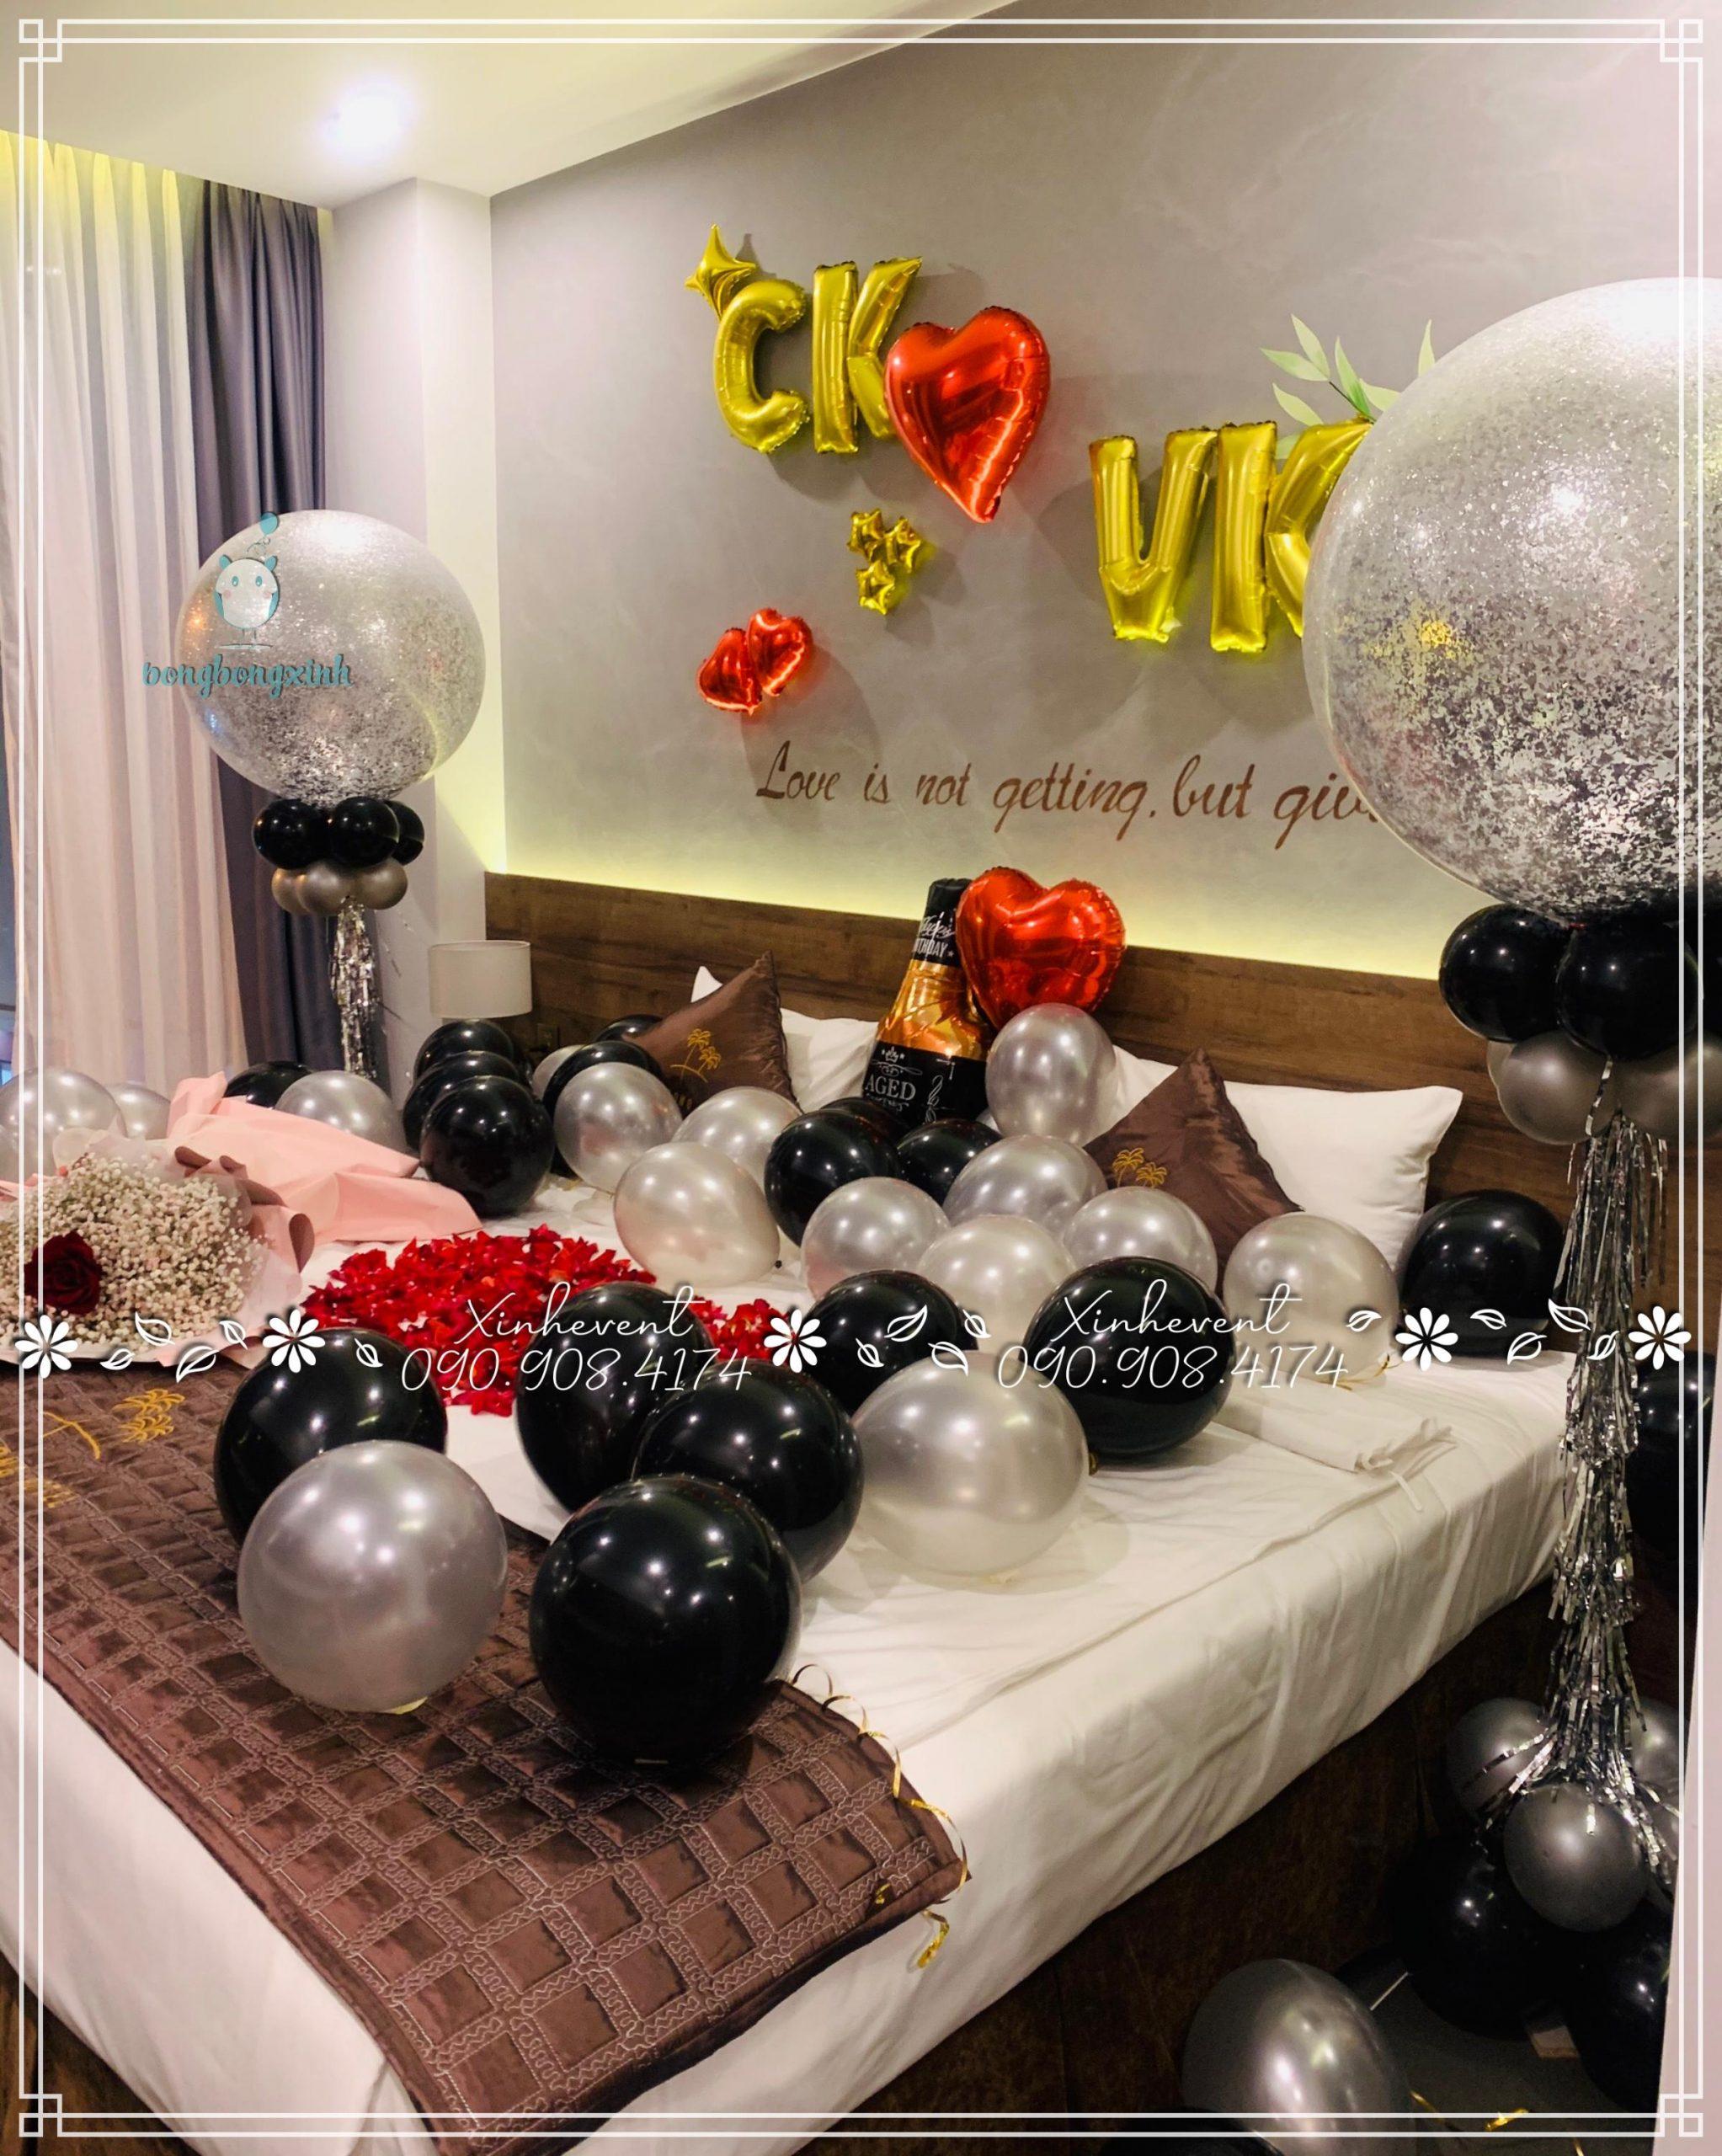 Trang trí sinh nhật bất ngờ cho vợ tại khách sạn thật đẹp với góc nhìn khác